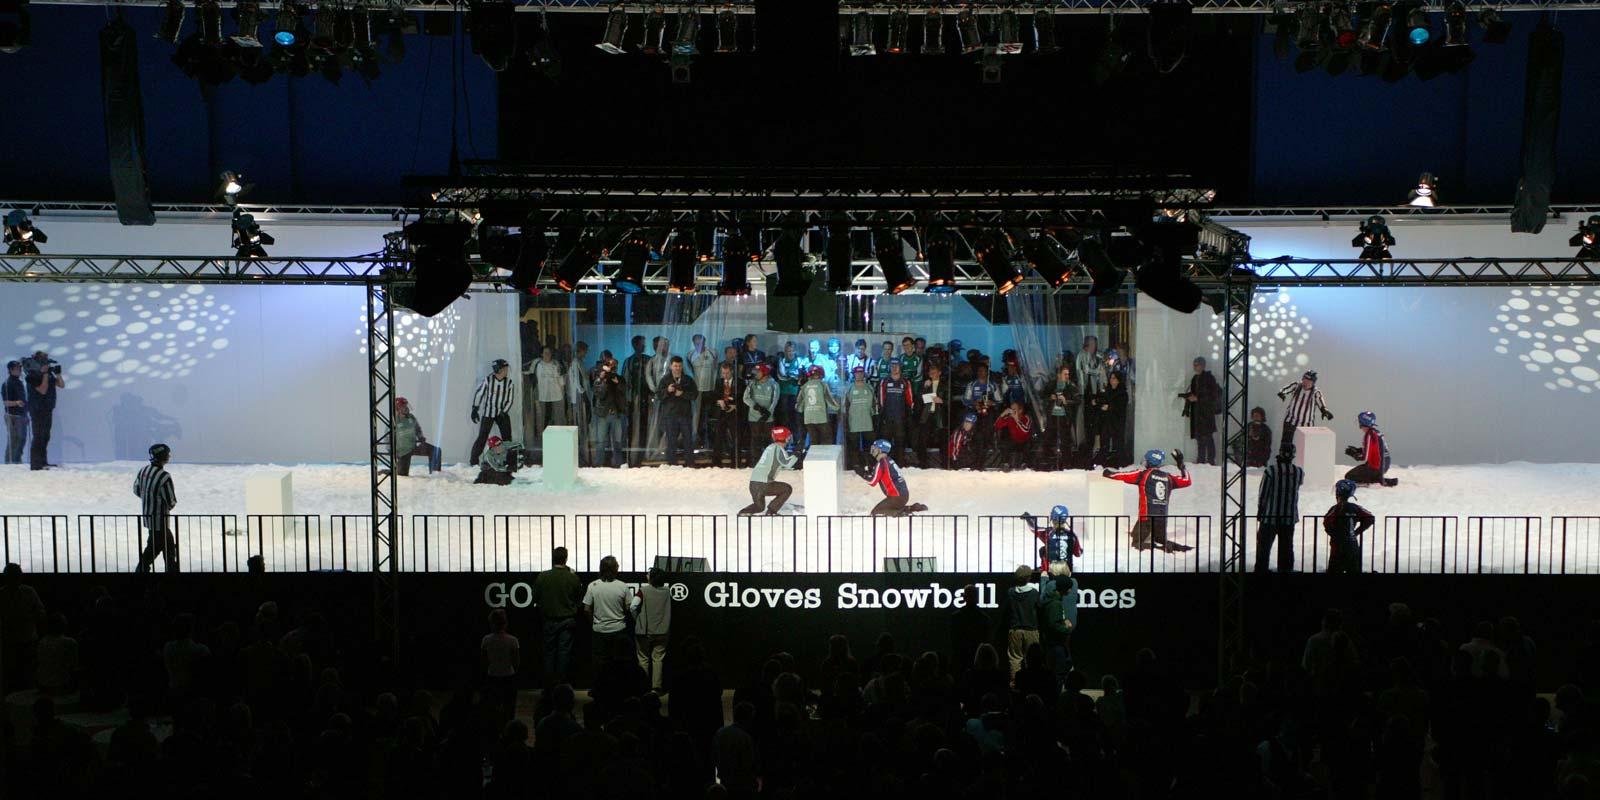 snow+promotion bietet Schneeproduktion bei Plus und Minusgraden